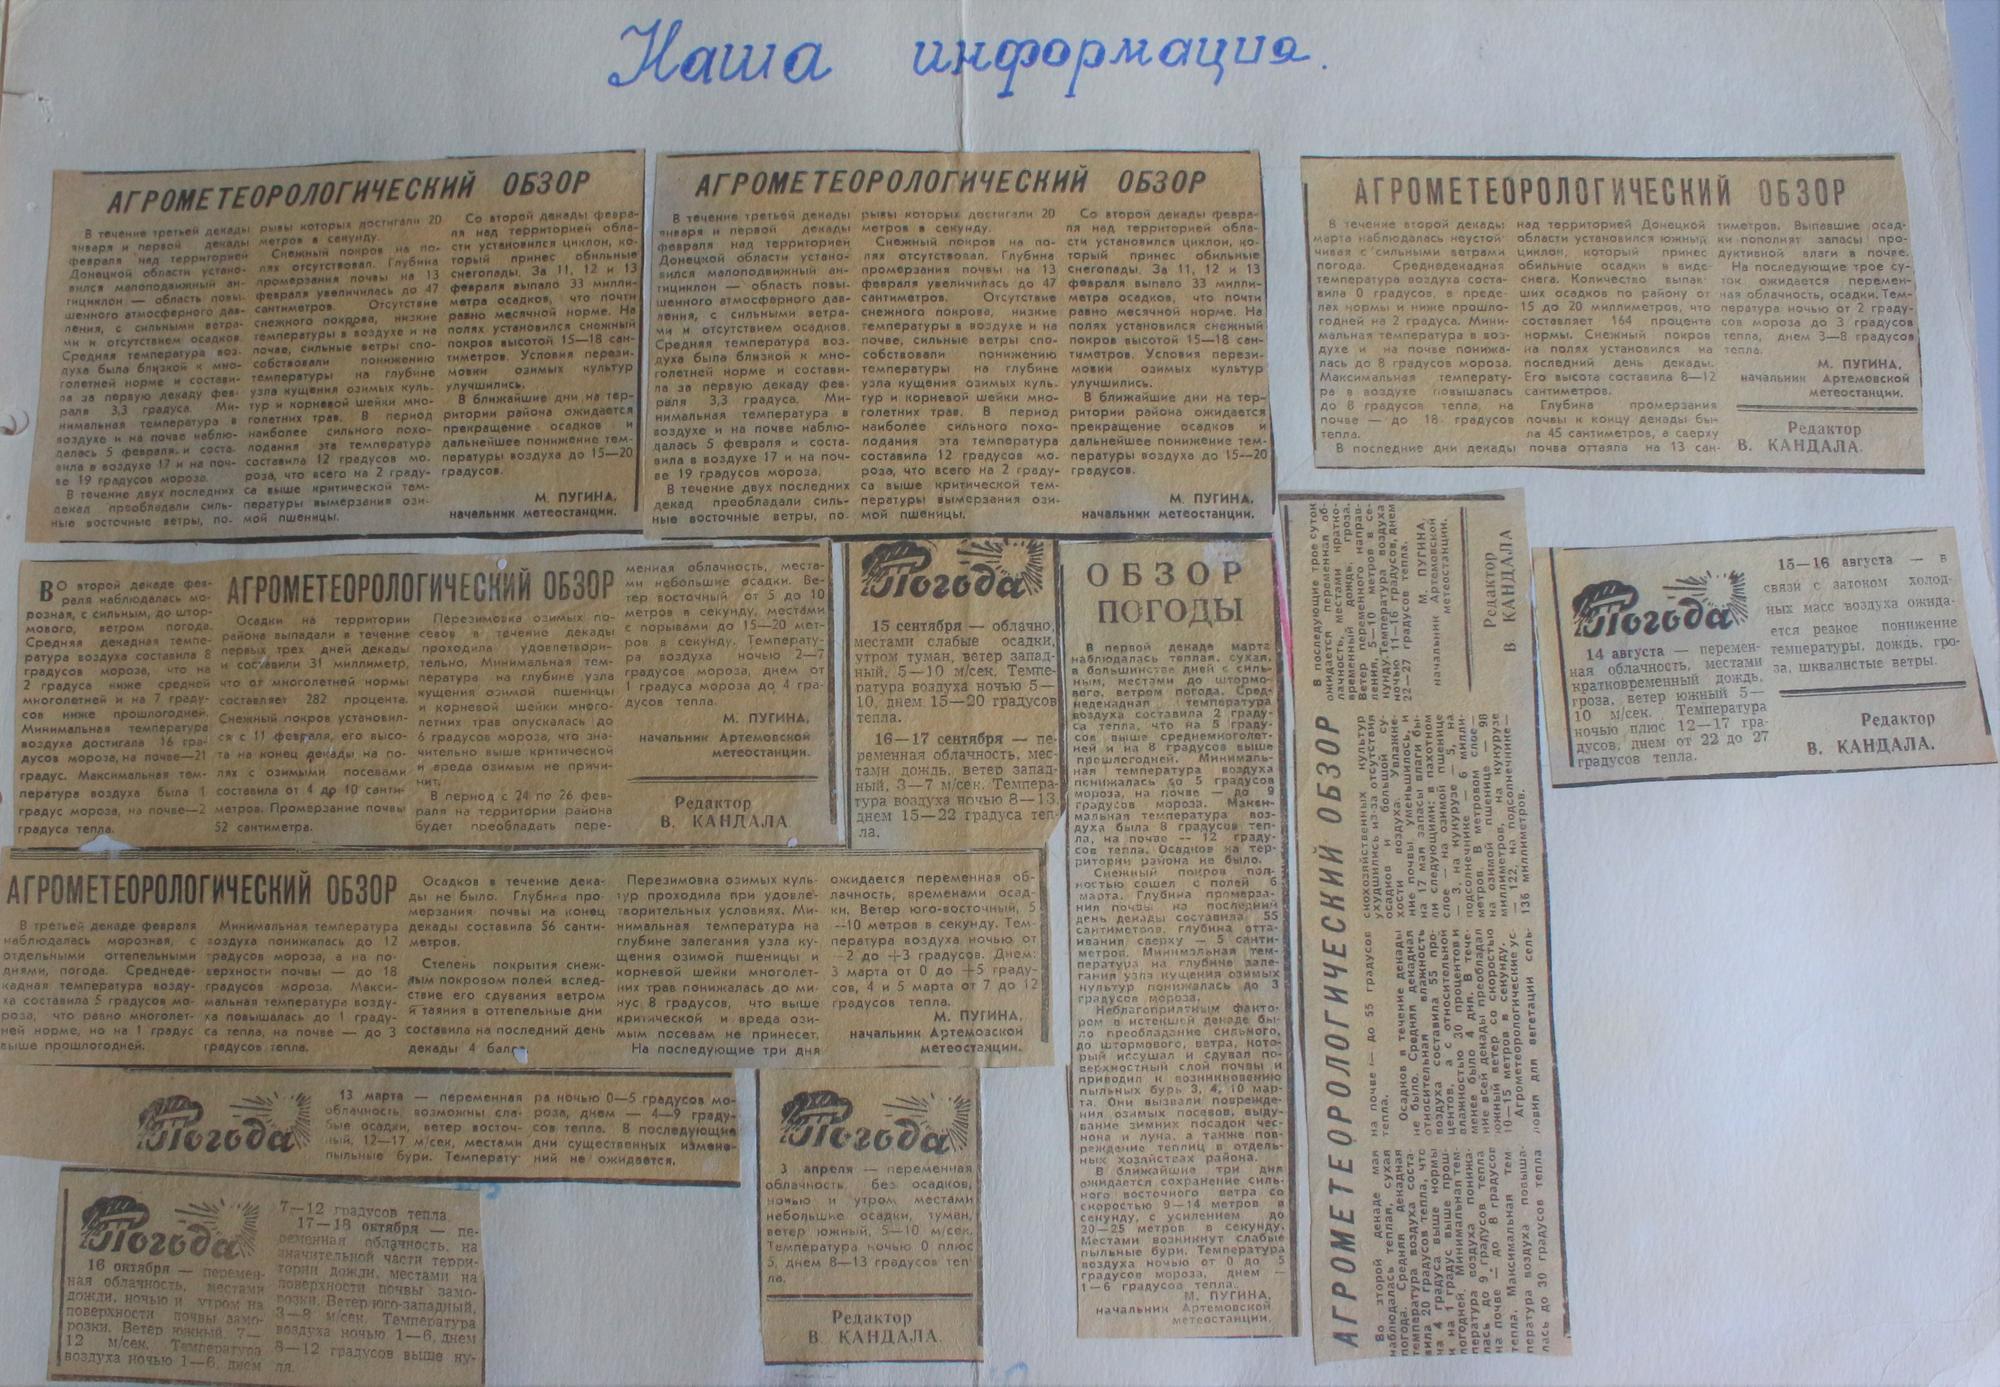 прогноз погоди в Артемівській газеті Вперед